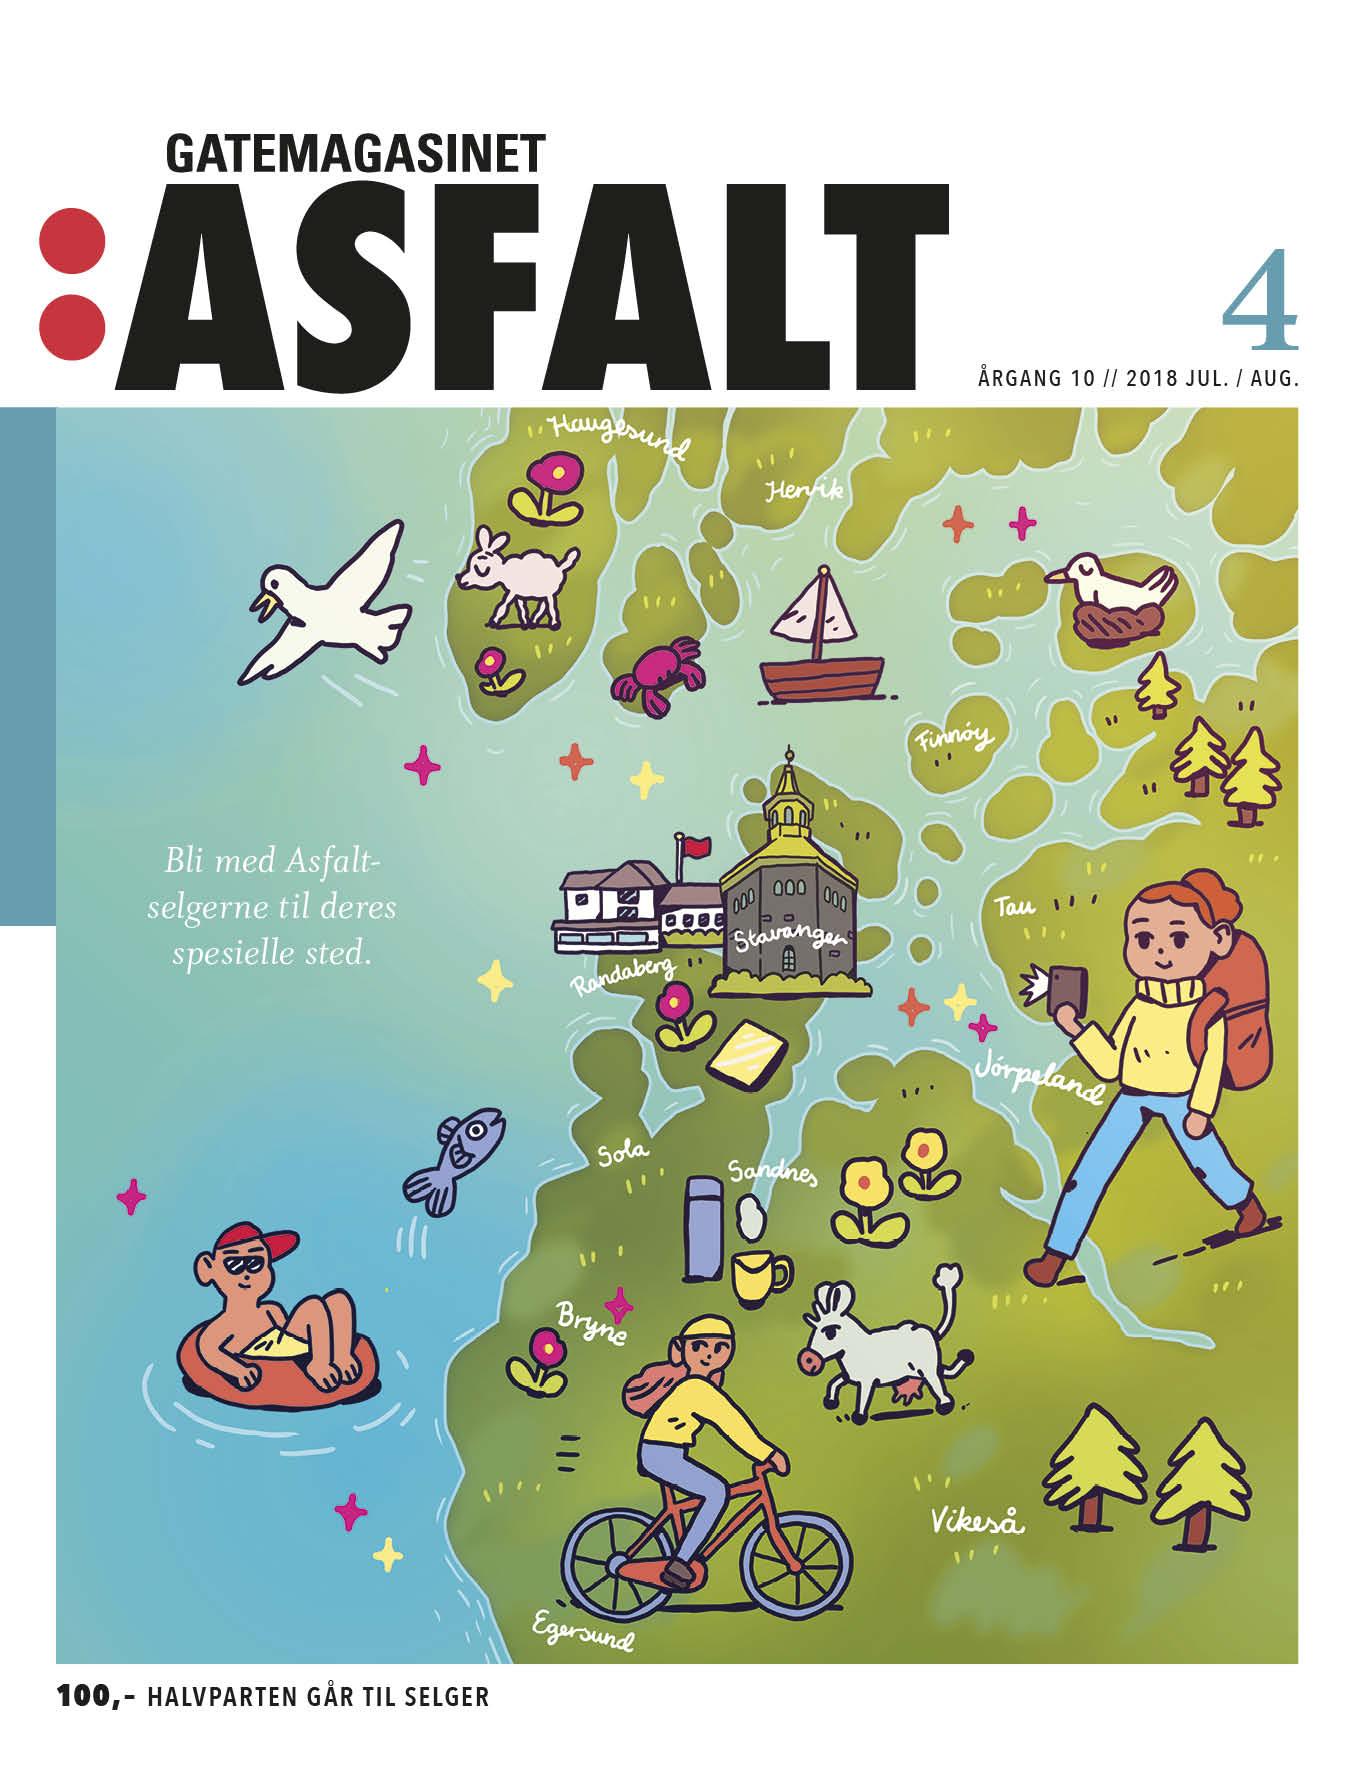 Asfalt_4_2018_Forside til magasinoversikt.jpg